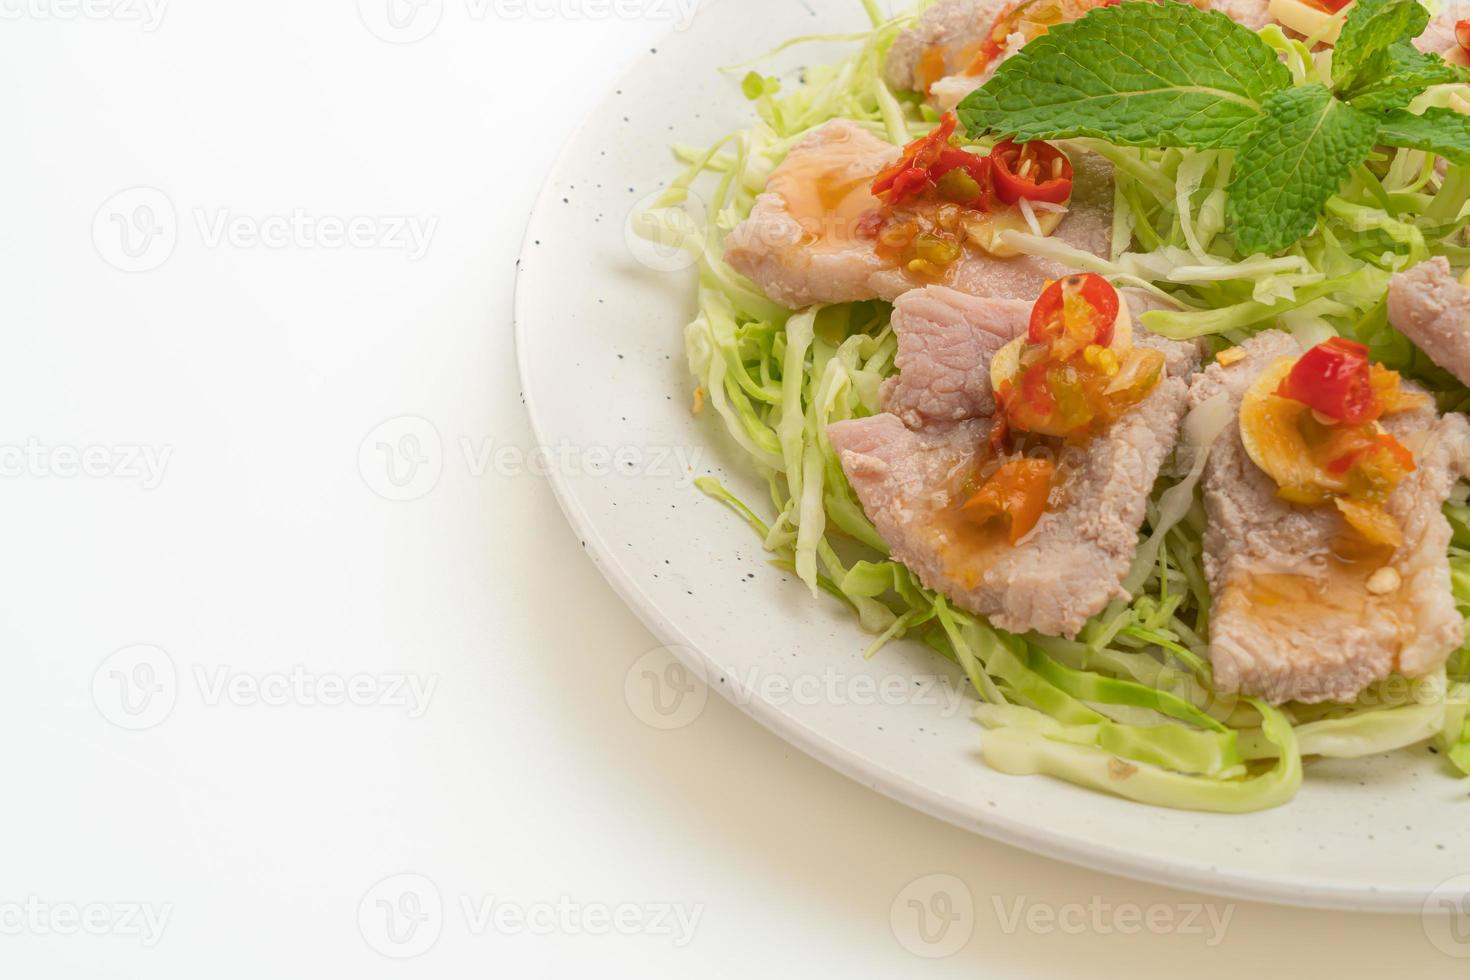 maiale bollito con aglio lime e salsa chili chili foto